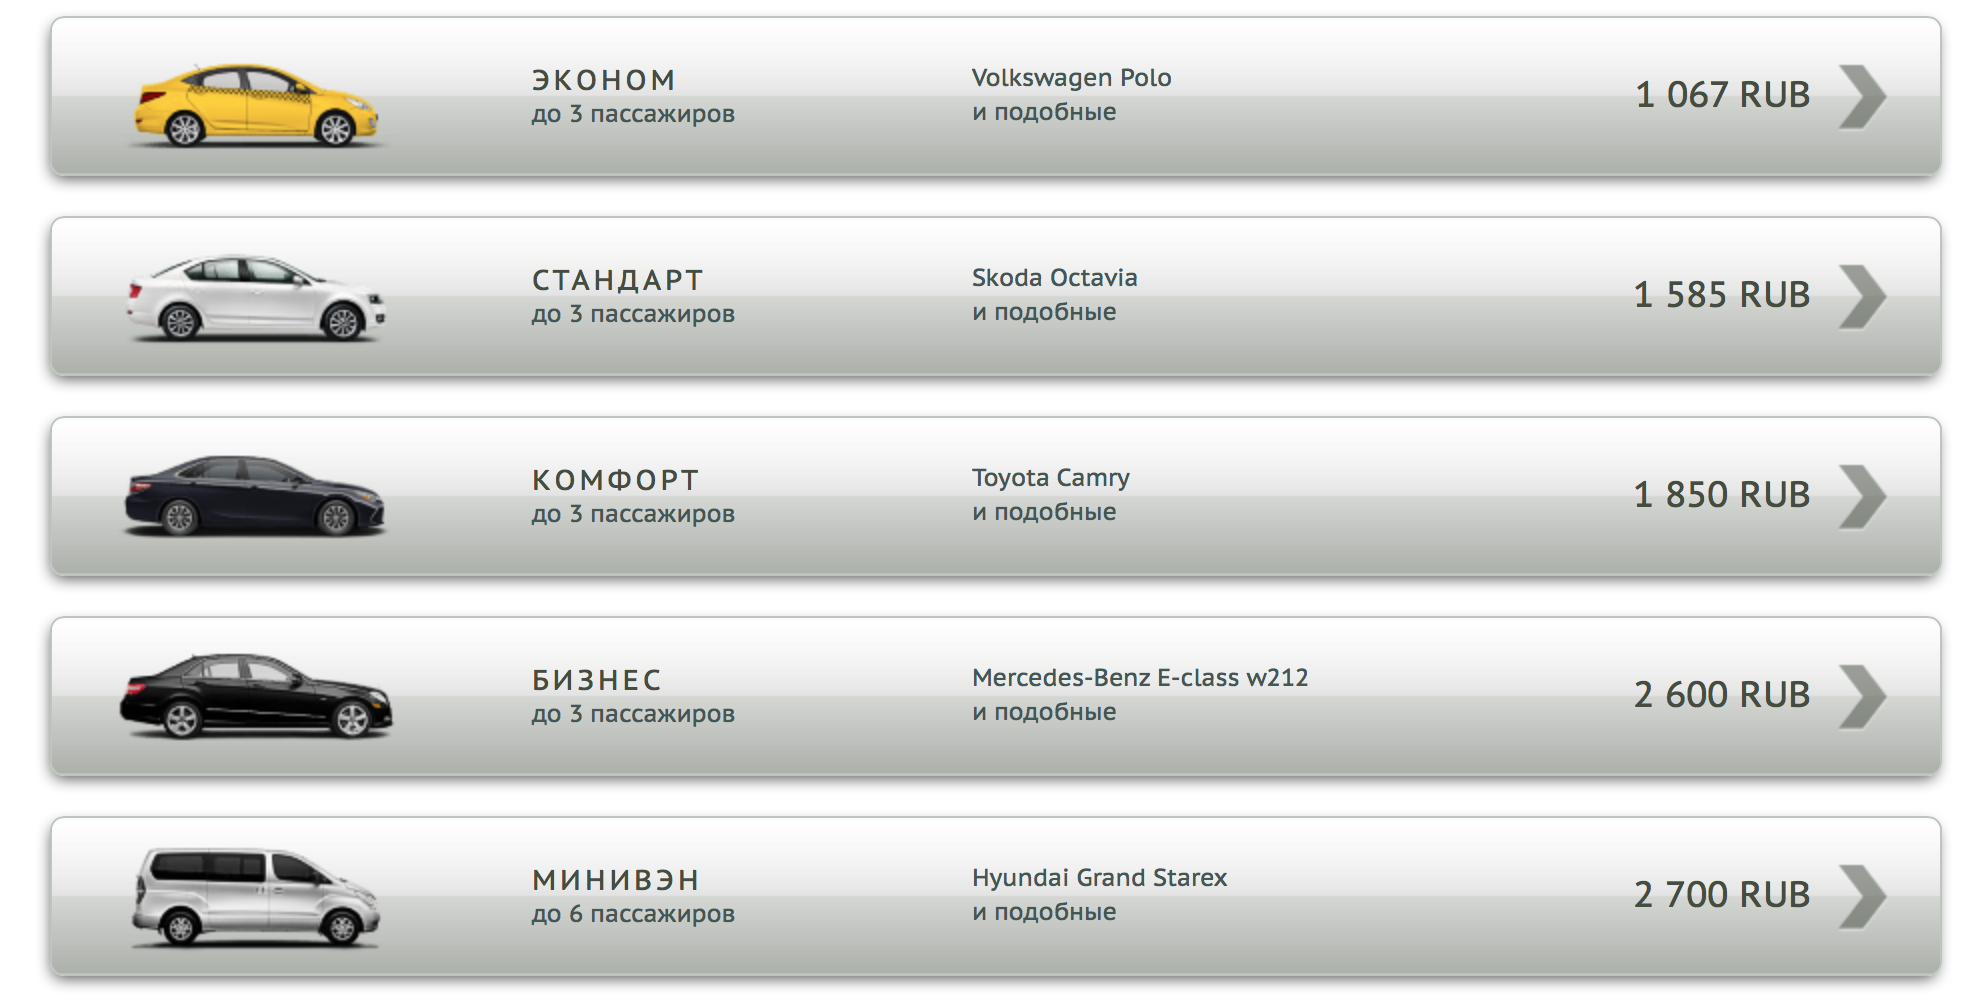 Gett такси официальный сайт москва позвонить оператору